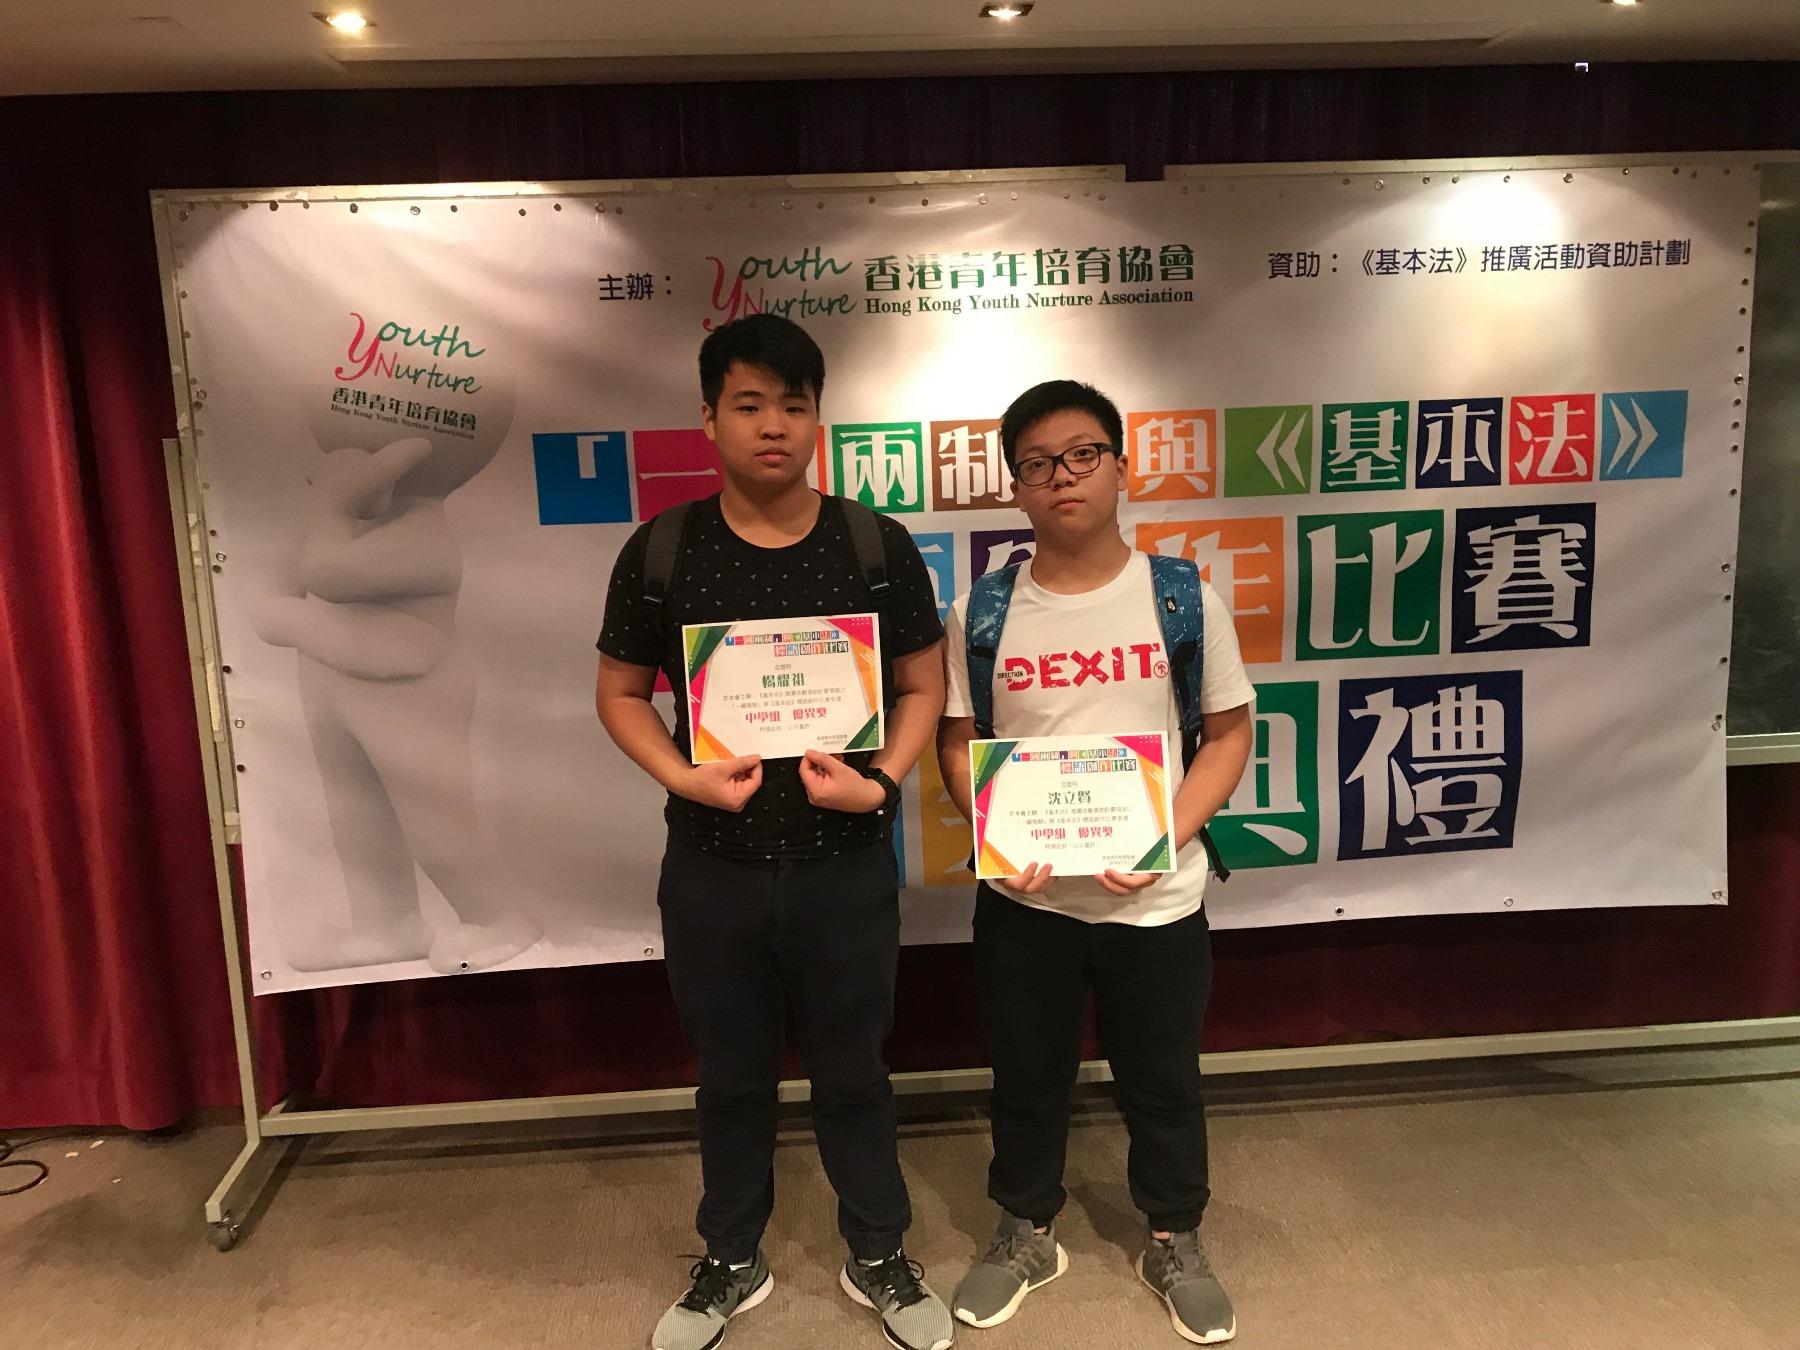 http://npc.edu.hk/sites/default/files/20190511_yi_guo_liang_zhi_yu_ji_ben_fa_biao_yu_chuang_zuo_bi_sai_ban_jiang_dian_li_yc.jpg